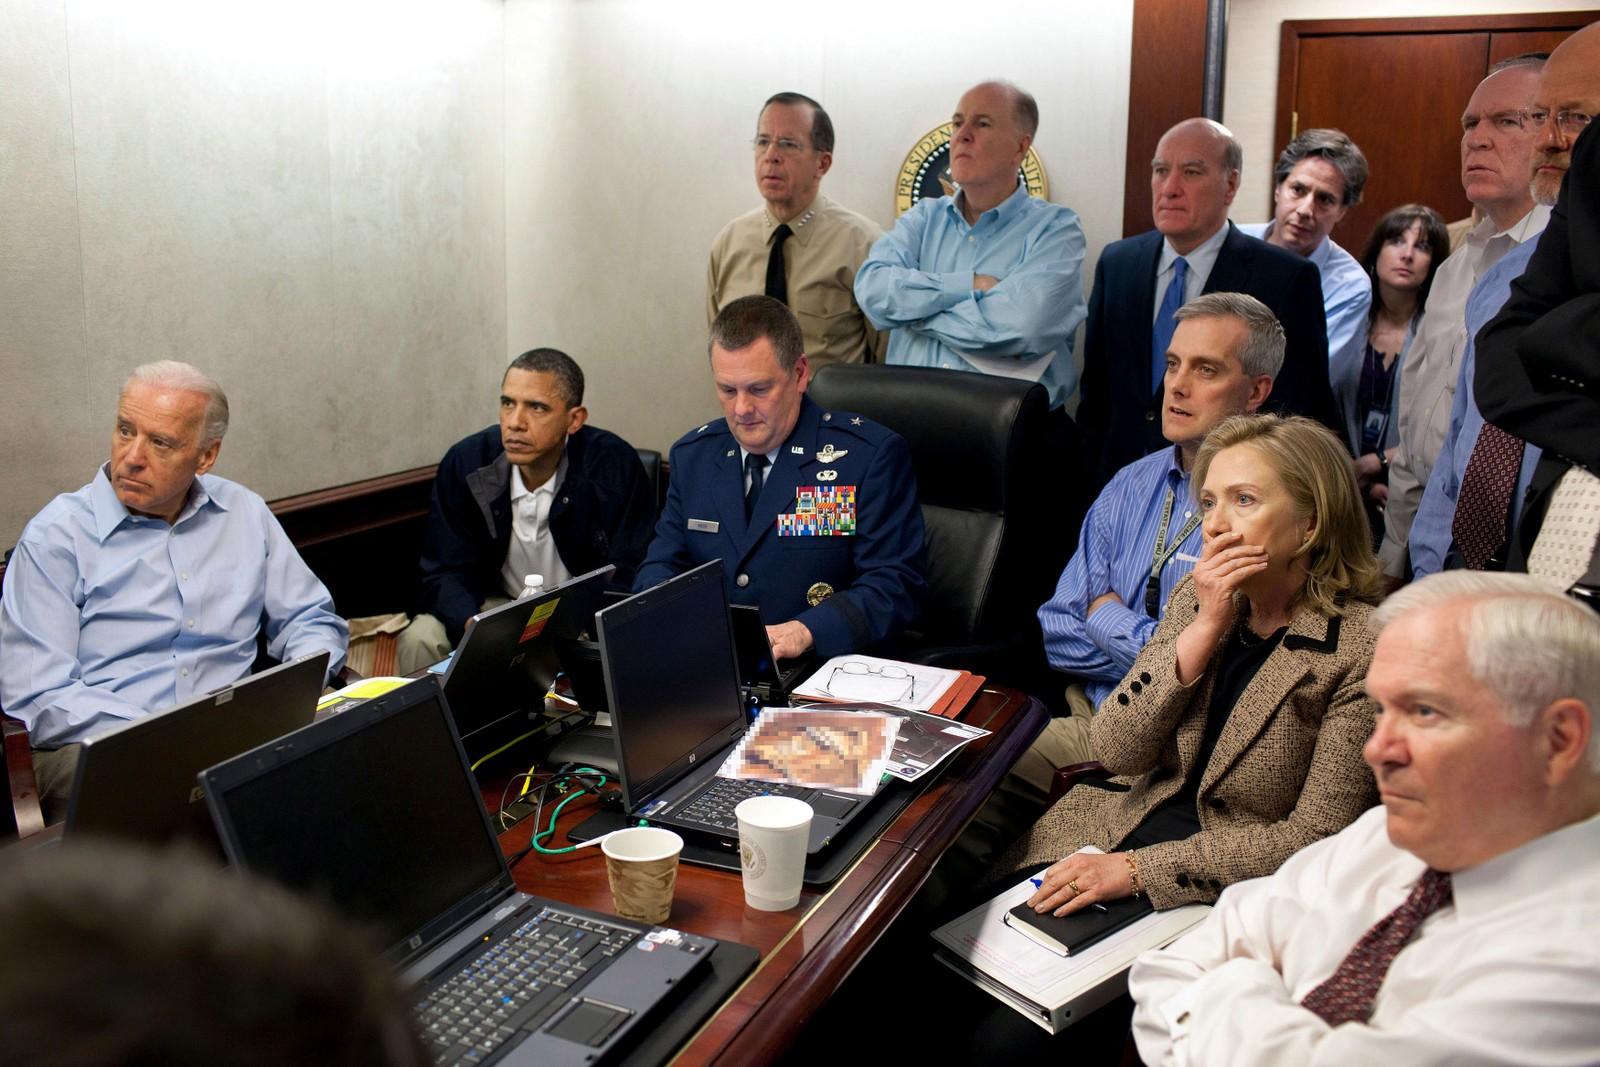 SPENT SITUASJON: President Barack Obama og hans stab i situasjonsrommet 2. mai 2011, der de fulgte aksjonen som resulterte i Osama Bin Ladens død.